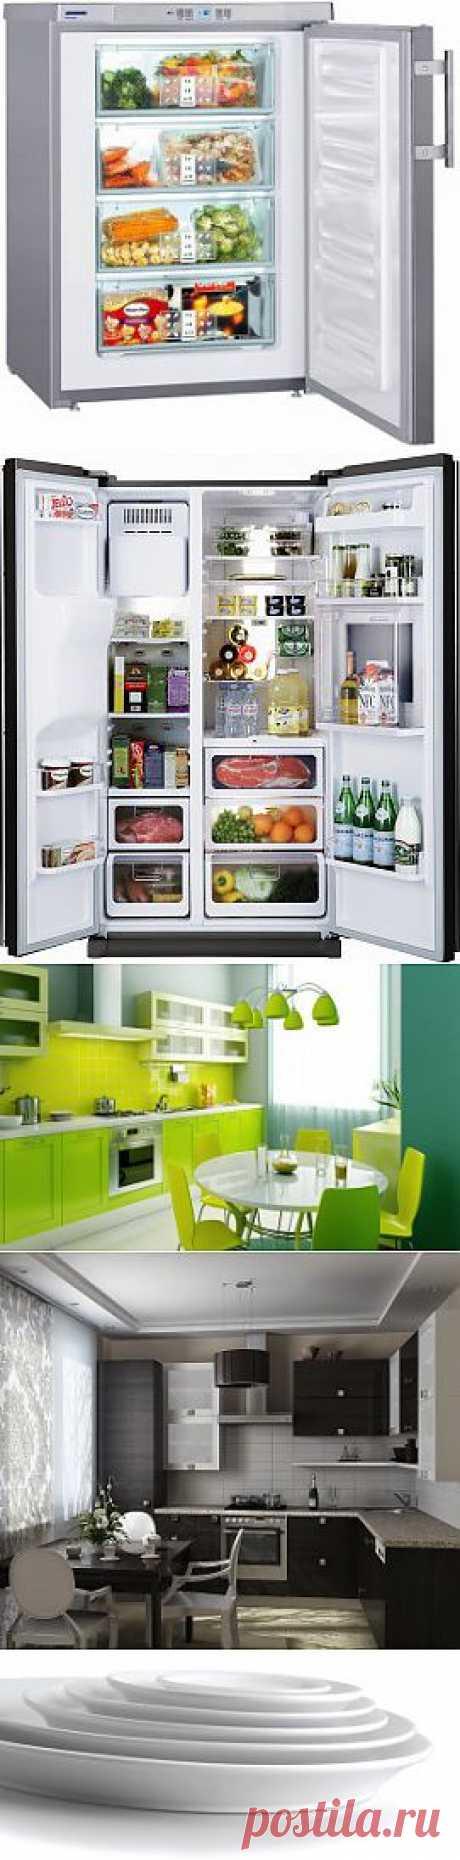 13 изменений на вашей кухне, которые помогут вам похудеть и сделать питание более здоровым...))) | 4vkusa.ru